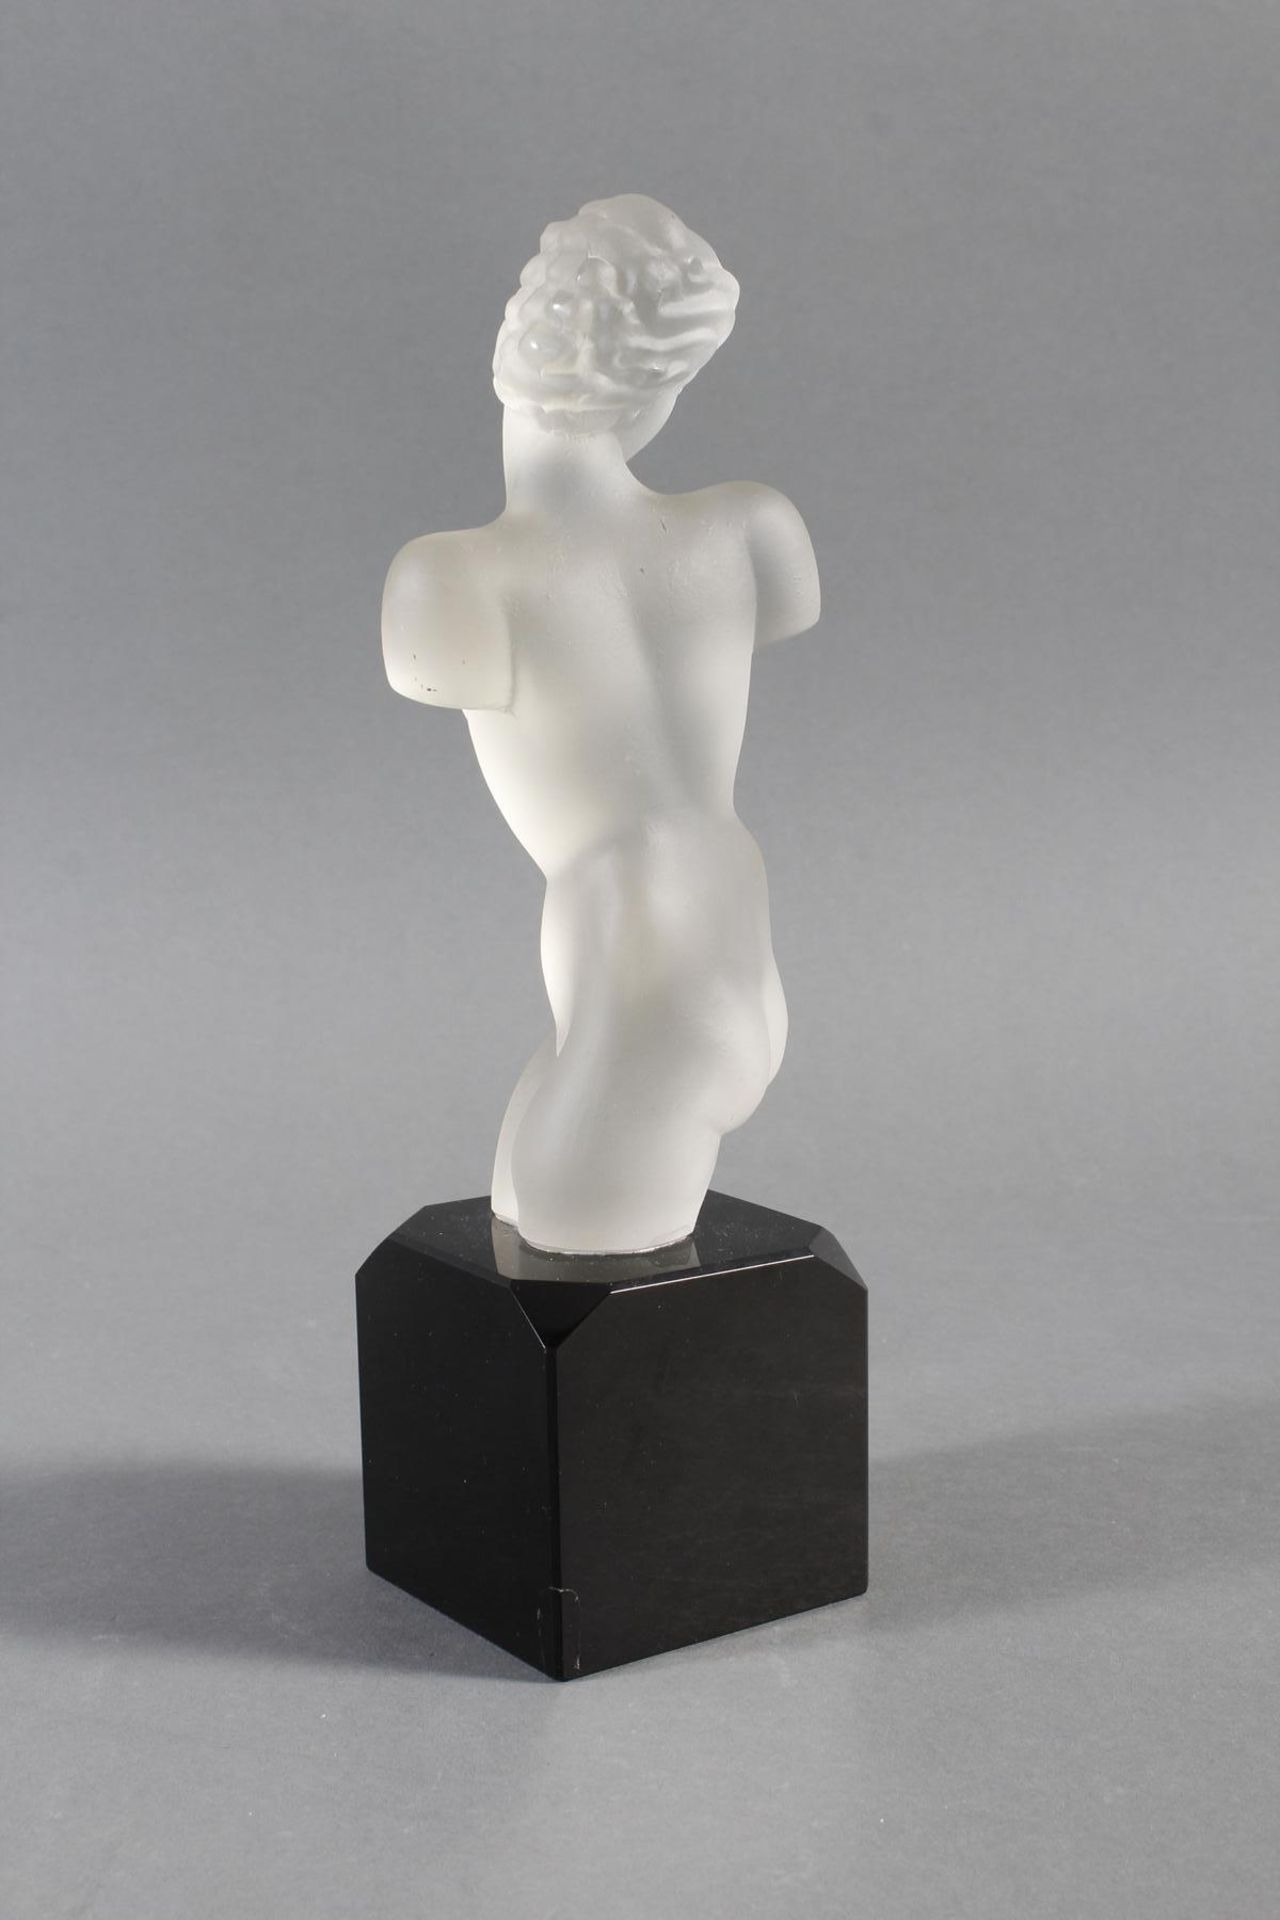 Glasskulptur, Frauenakt auf Sockel, Böhmen um 1950 - Bild 5 aus 10